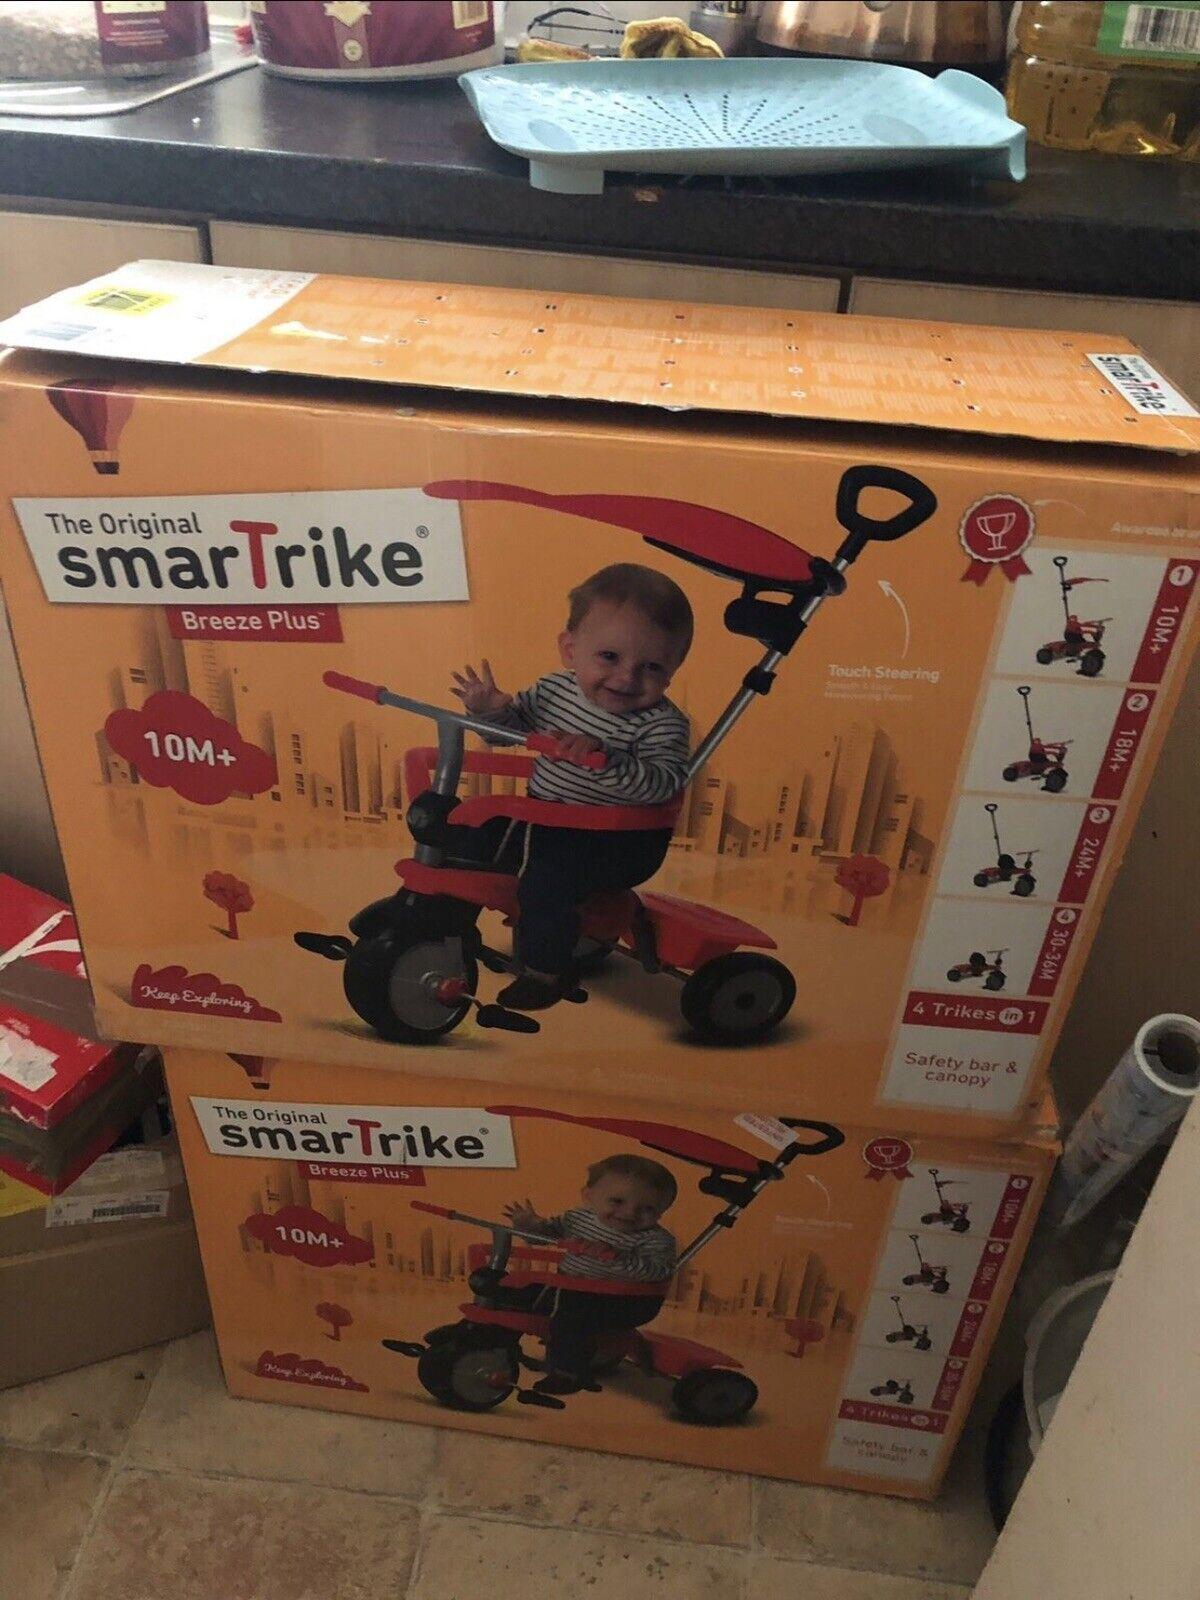 SmarTrike 3-in-1 Touch Steering Breeze Trike.